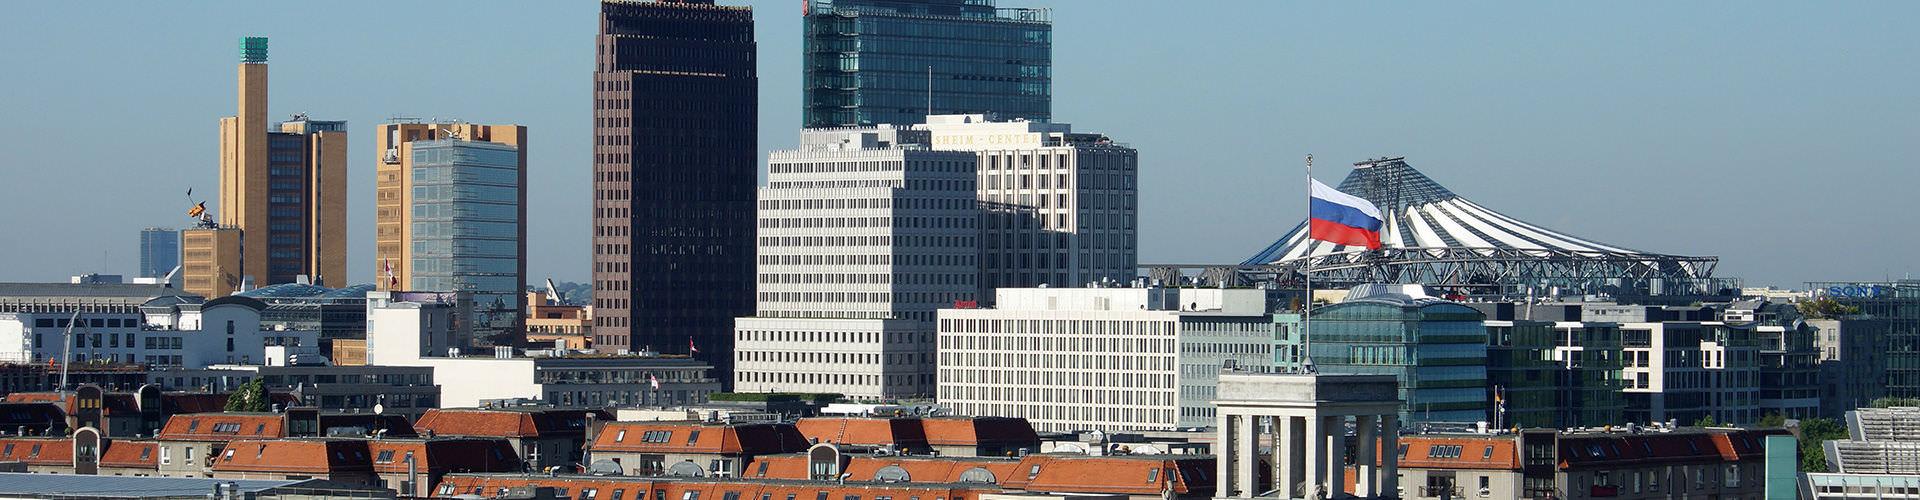 Berlim – Hostels próximos a Potsdamer Platz. Mapas para Berlim, Fotos e Avaliações para cada Hostel em Berlim.